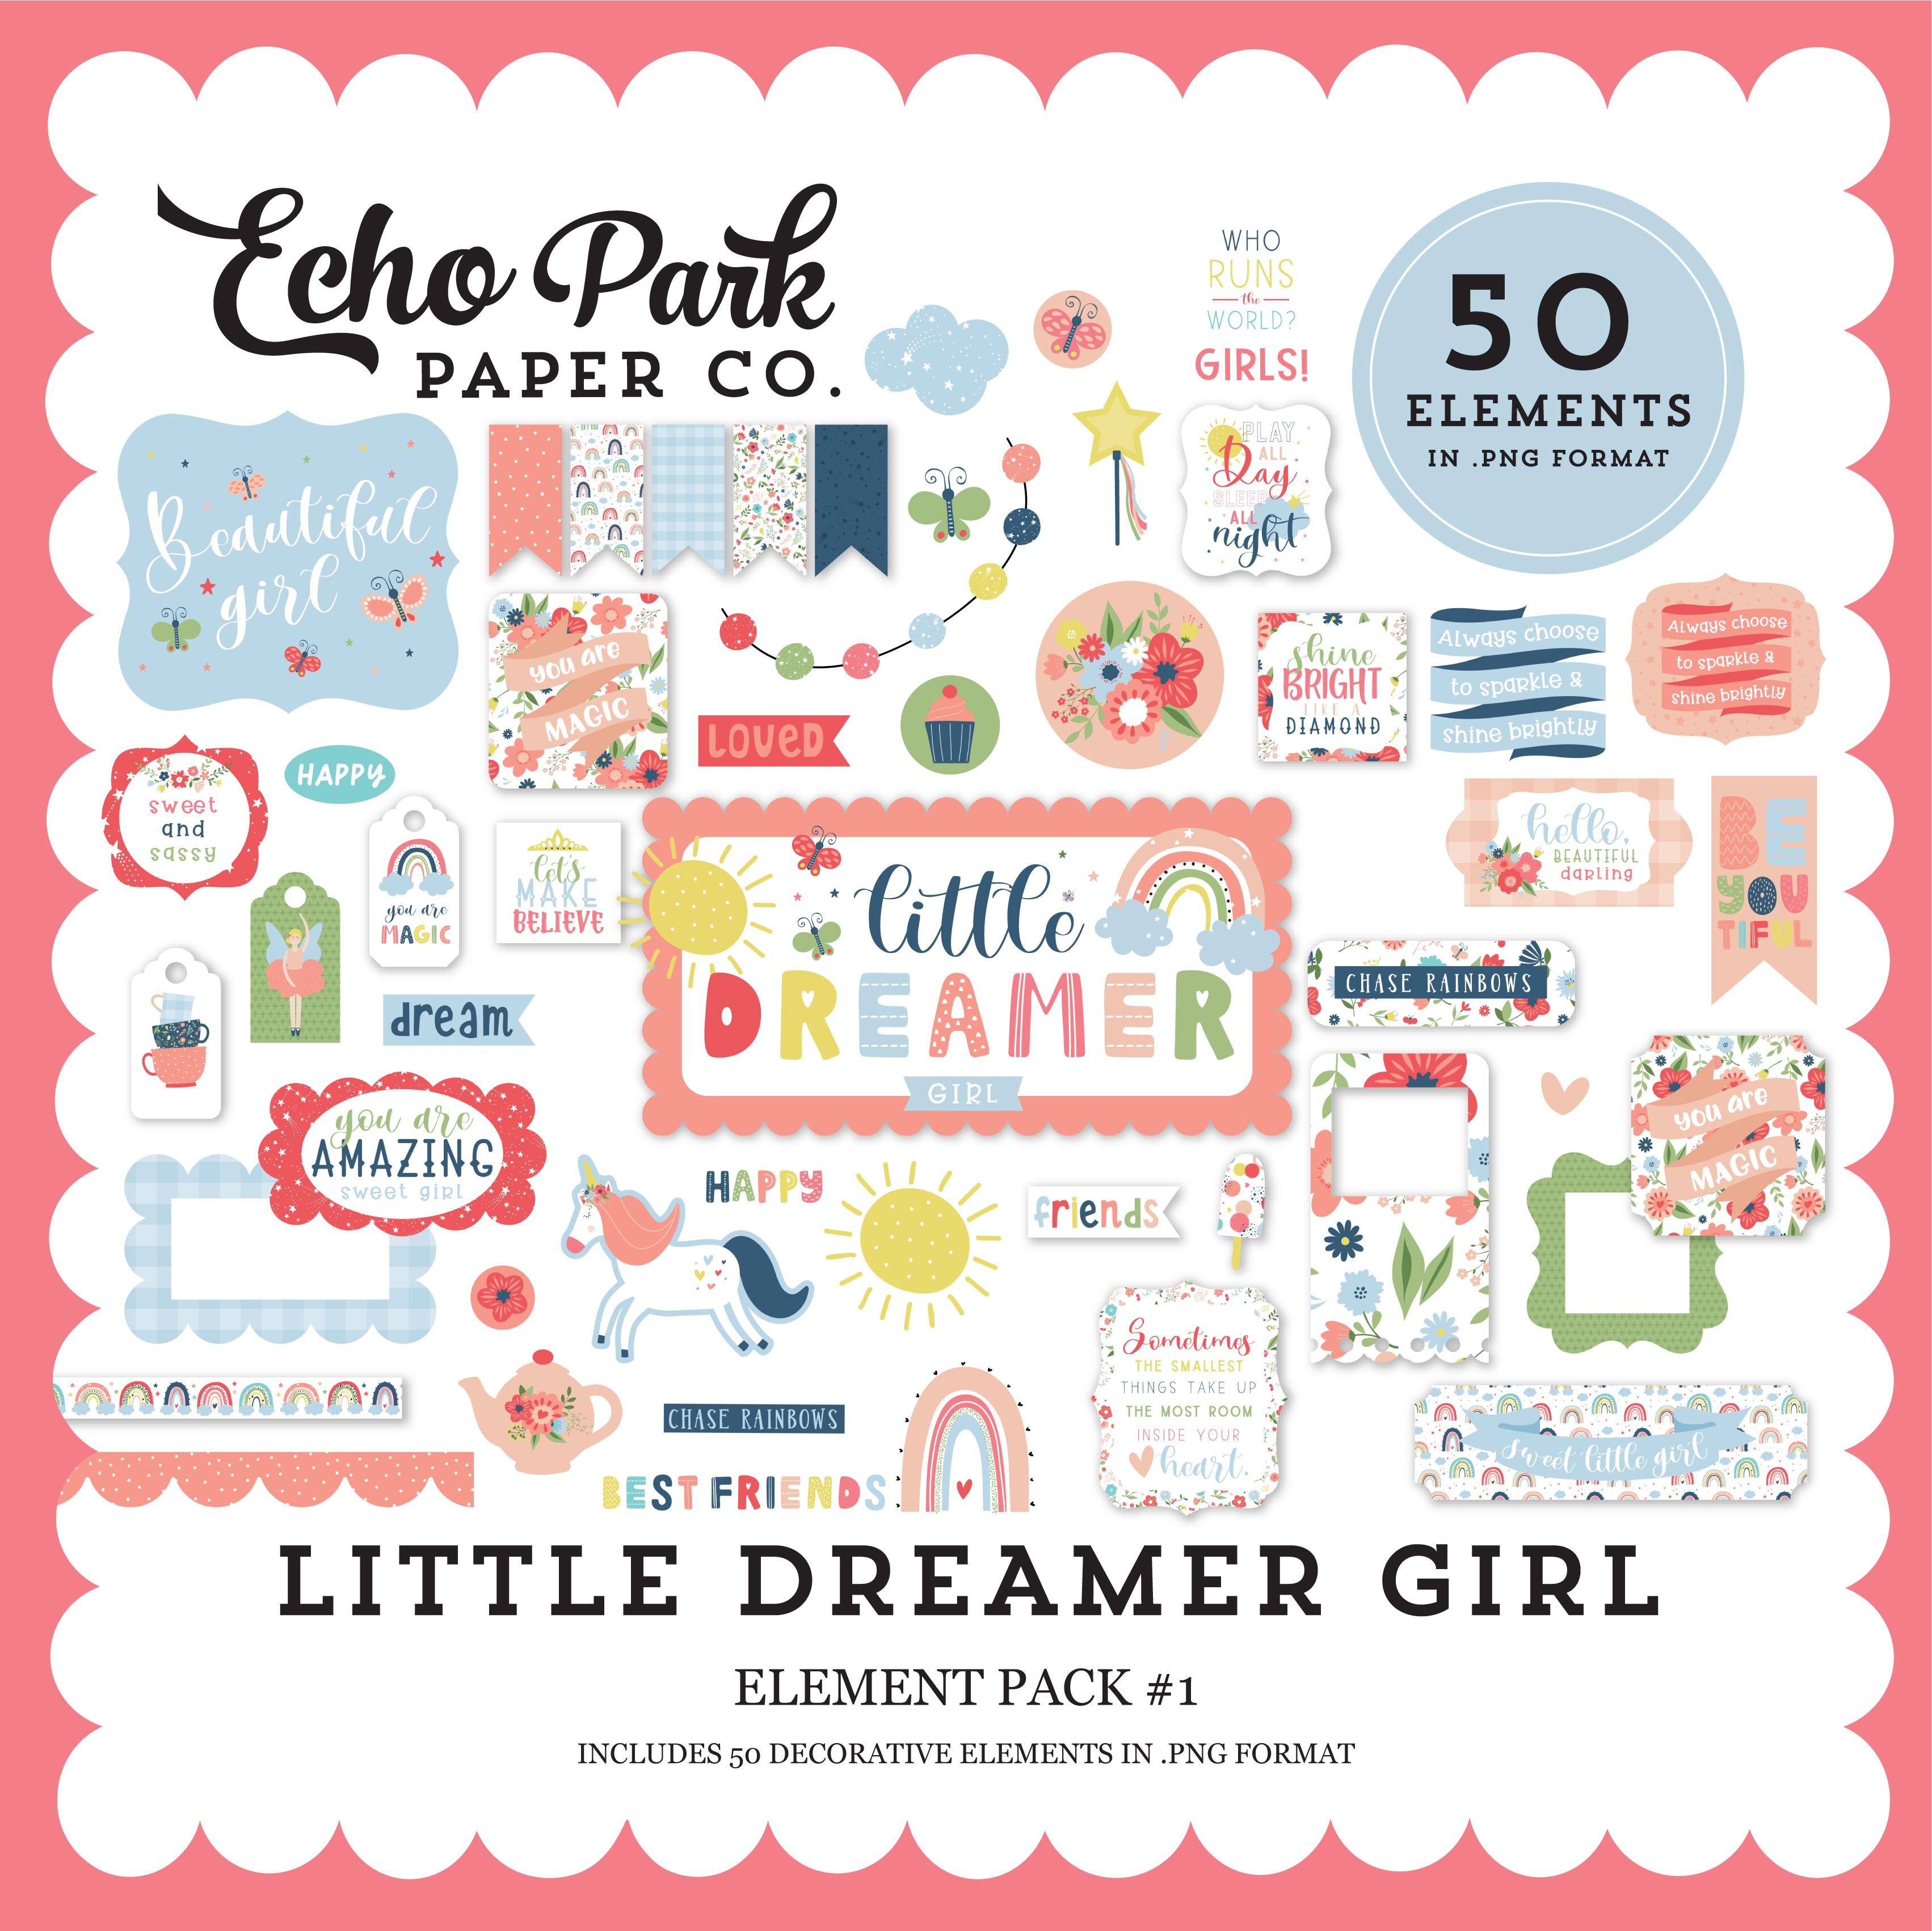 Little Dreamer Girl Element Pack #1